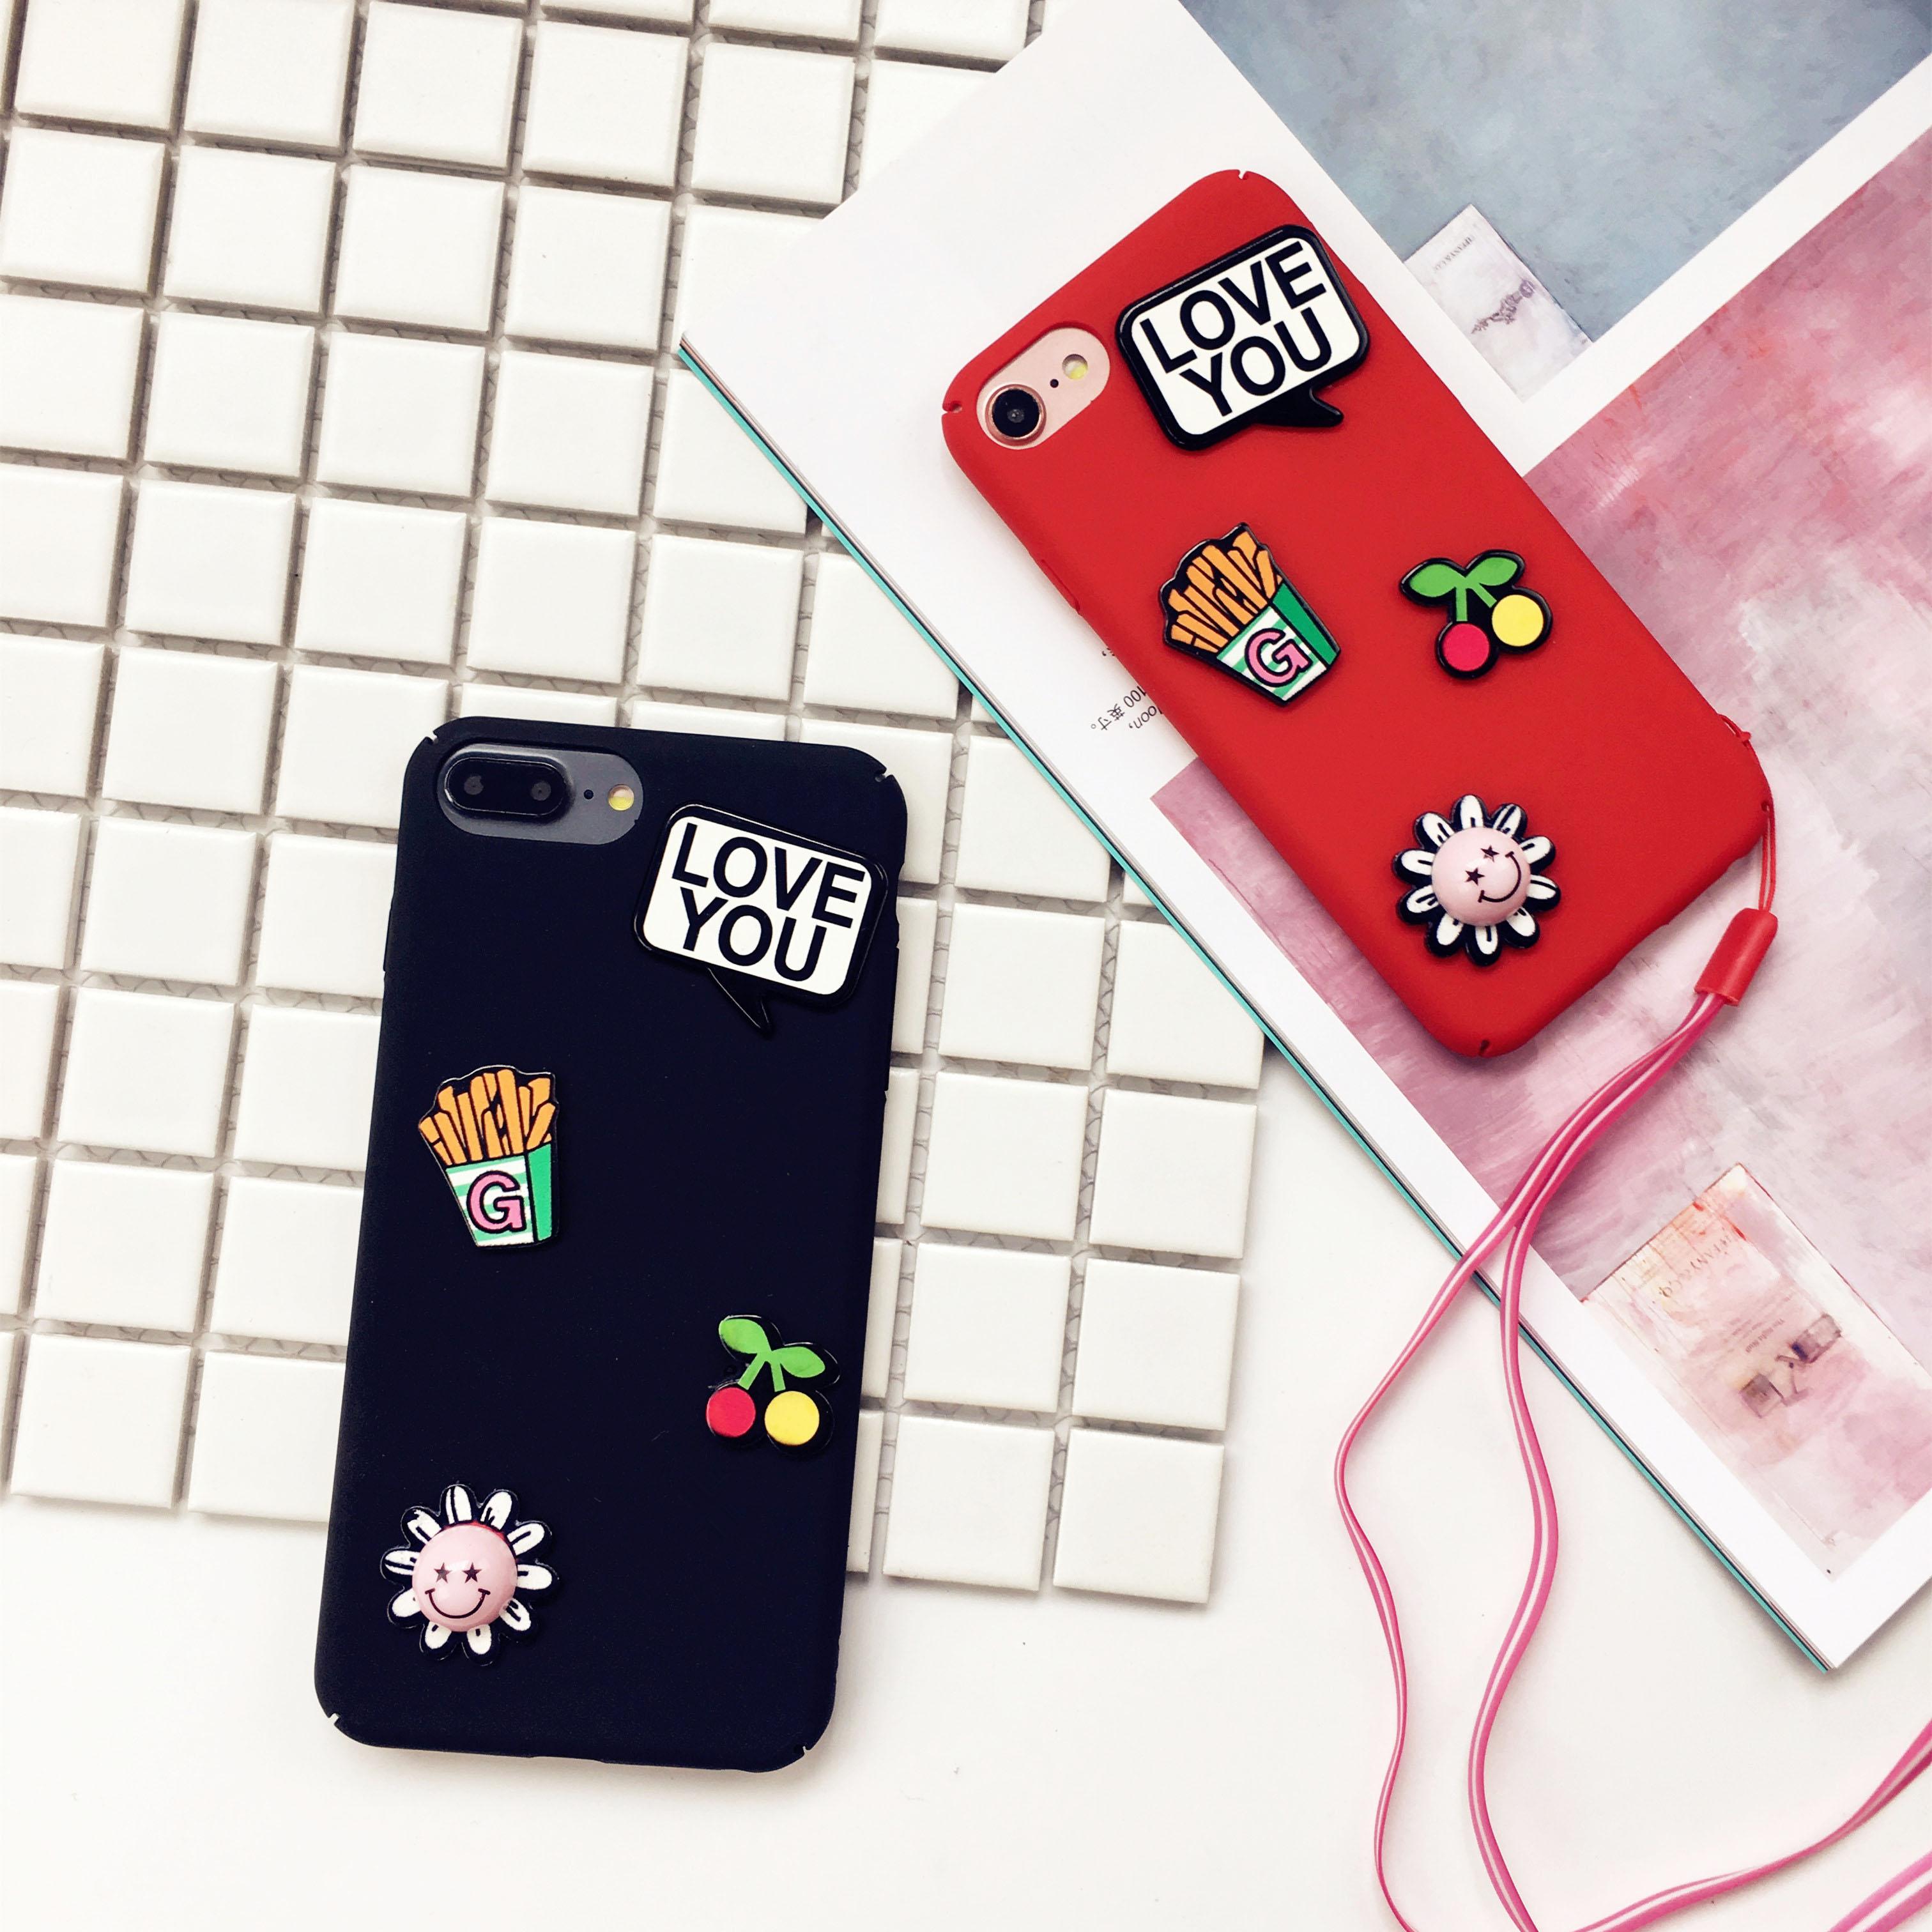 日韩笑脸薯条iphone6s手机壳防摔苹果7全包磨砂硬壳7plus挂绳套潮